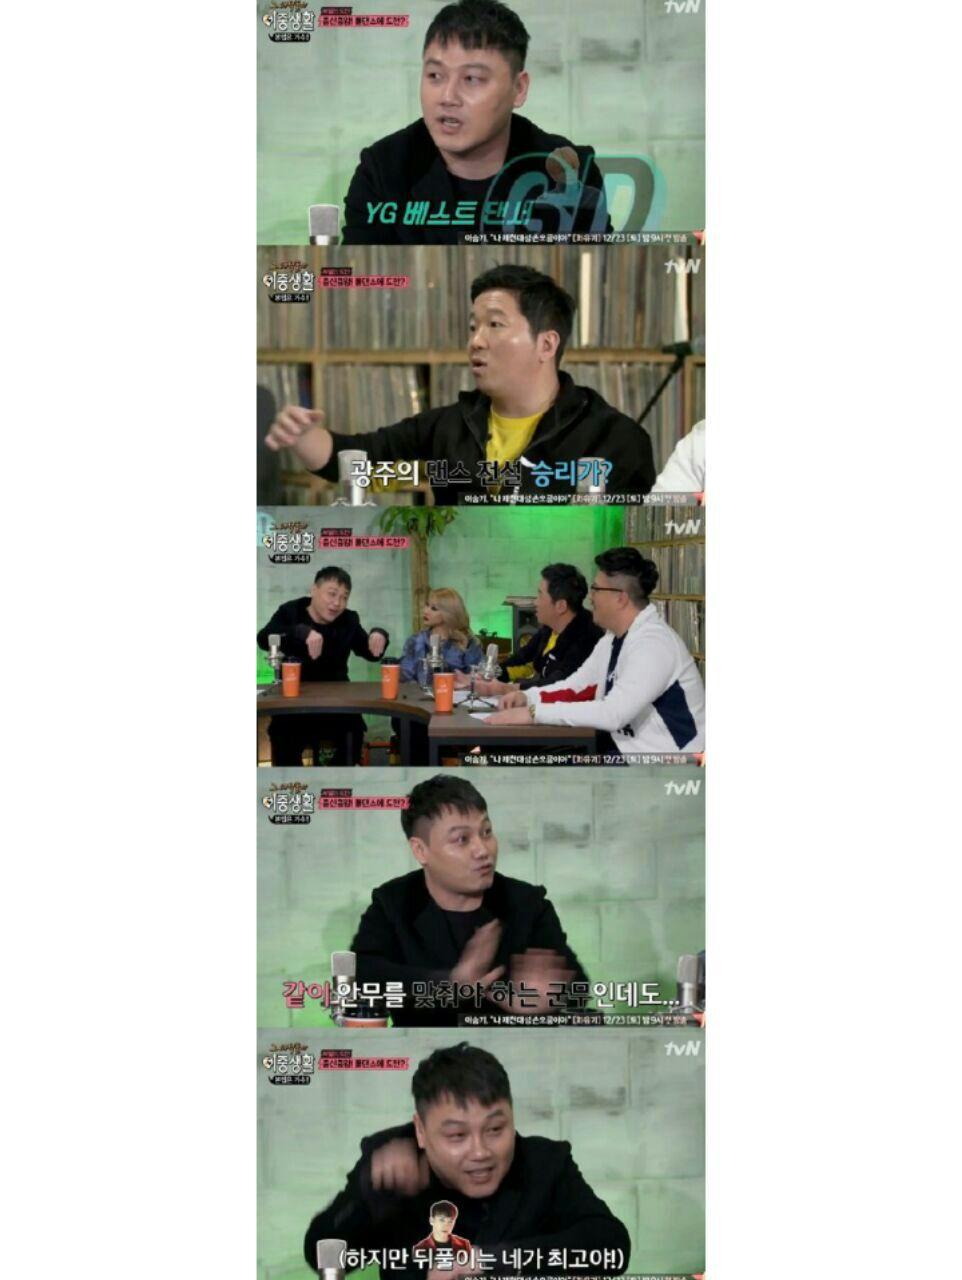 طراح رقص وای جی بهترین و بدترین رقصنده در وای جی را مشخص کرد .